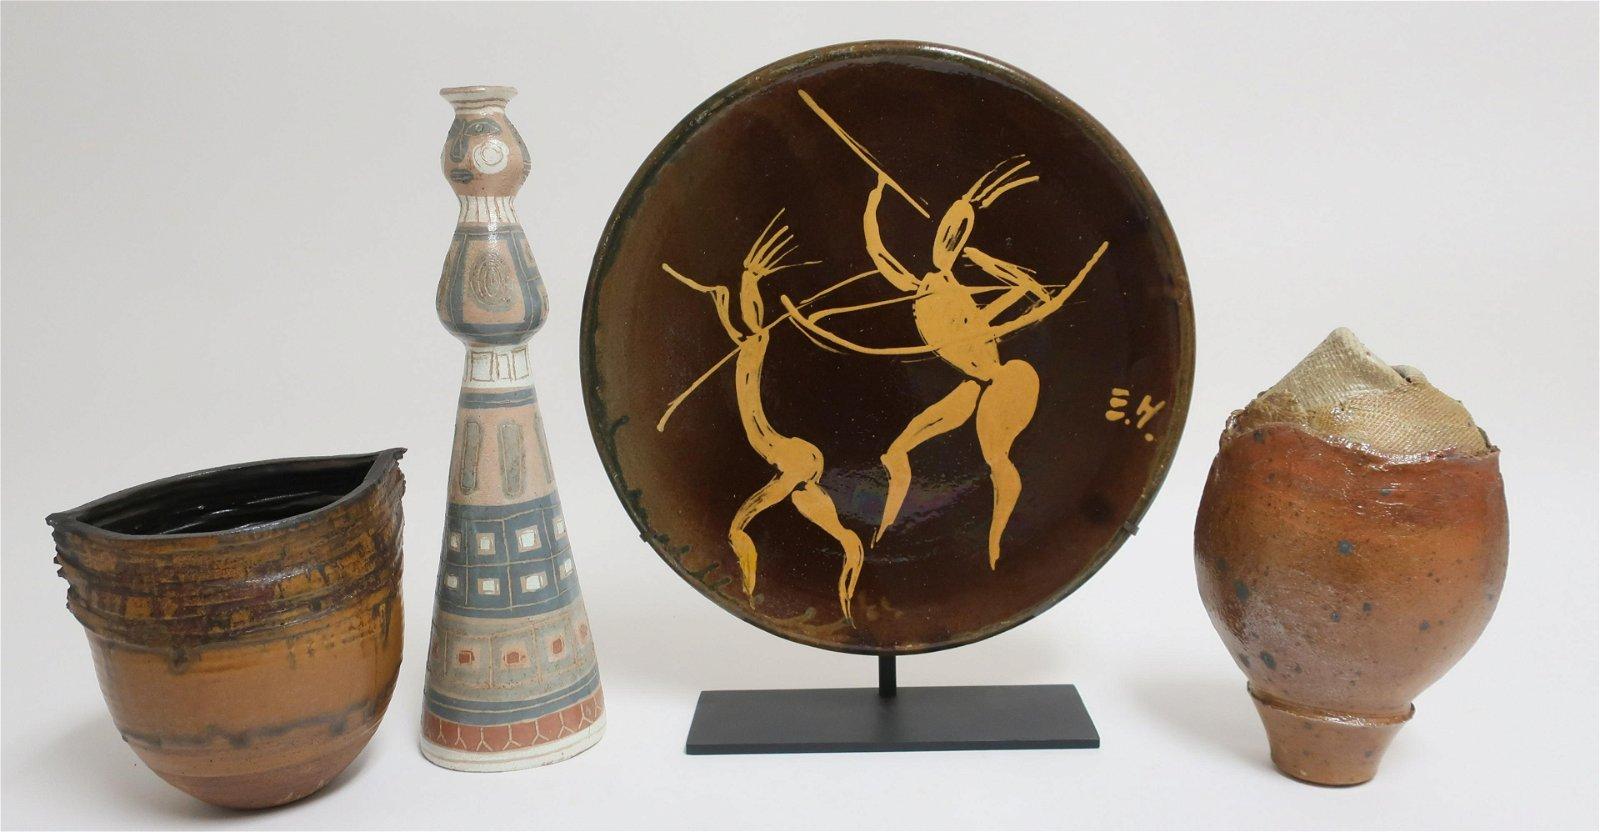 3 Art Pottery Ceramic Vases & Platter on Stand